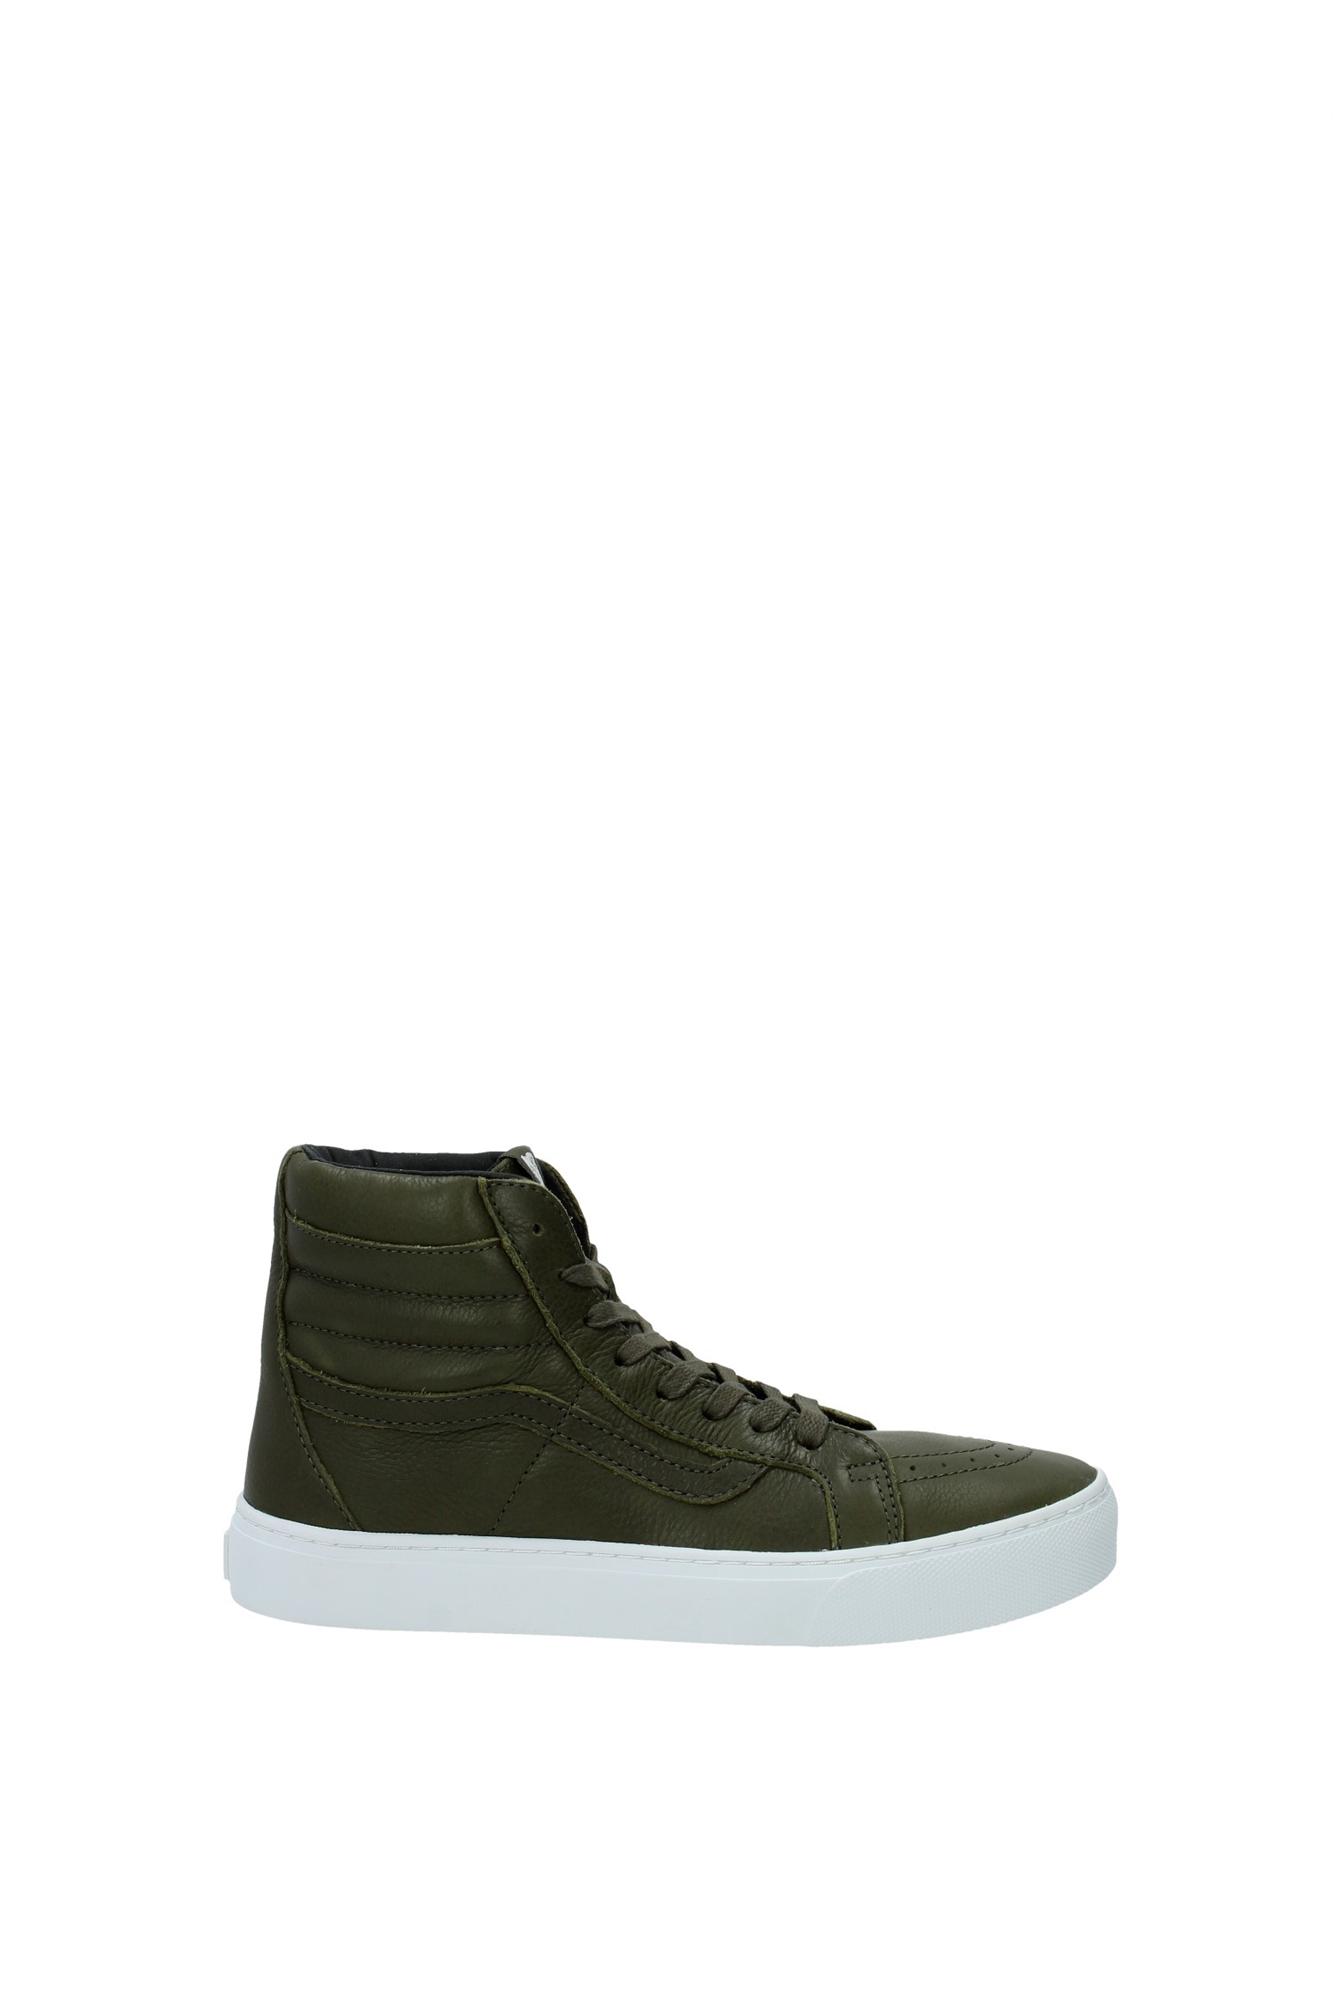 b541cc38b6c398 ... Nike Air Jordan 1 RE Hi Double STRP Strap I I I AJ1 Black Men Casual  Shoe AQ7924 ...